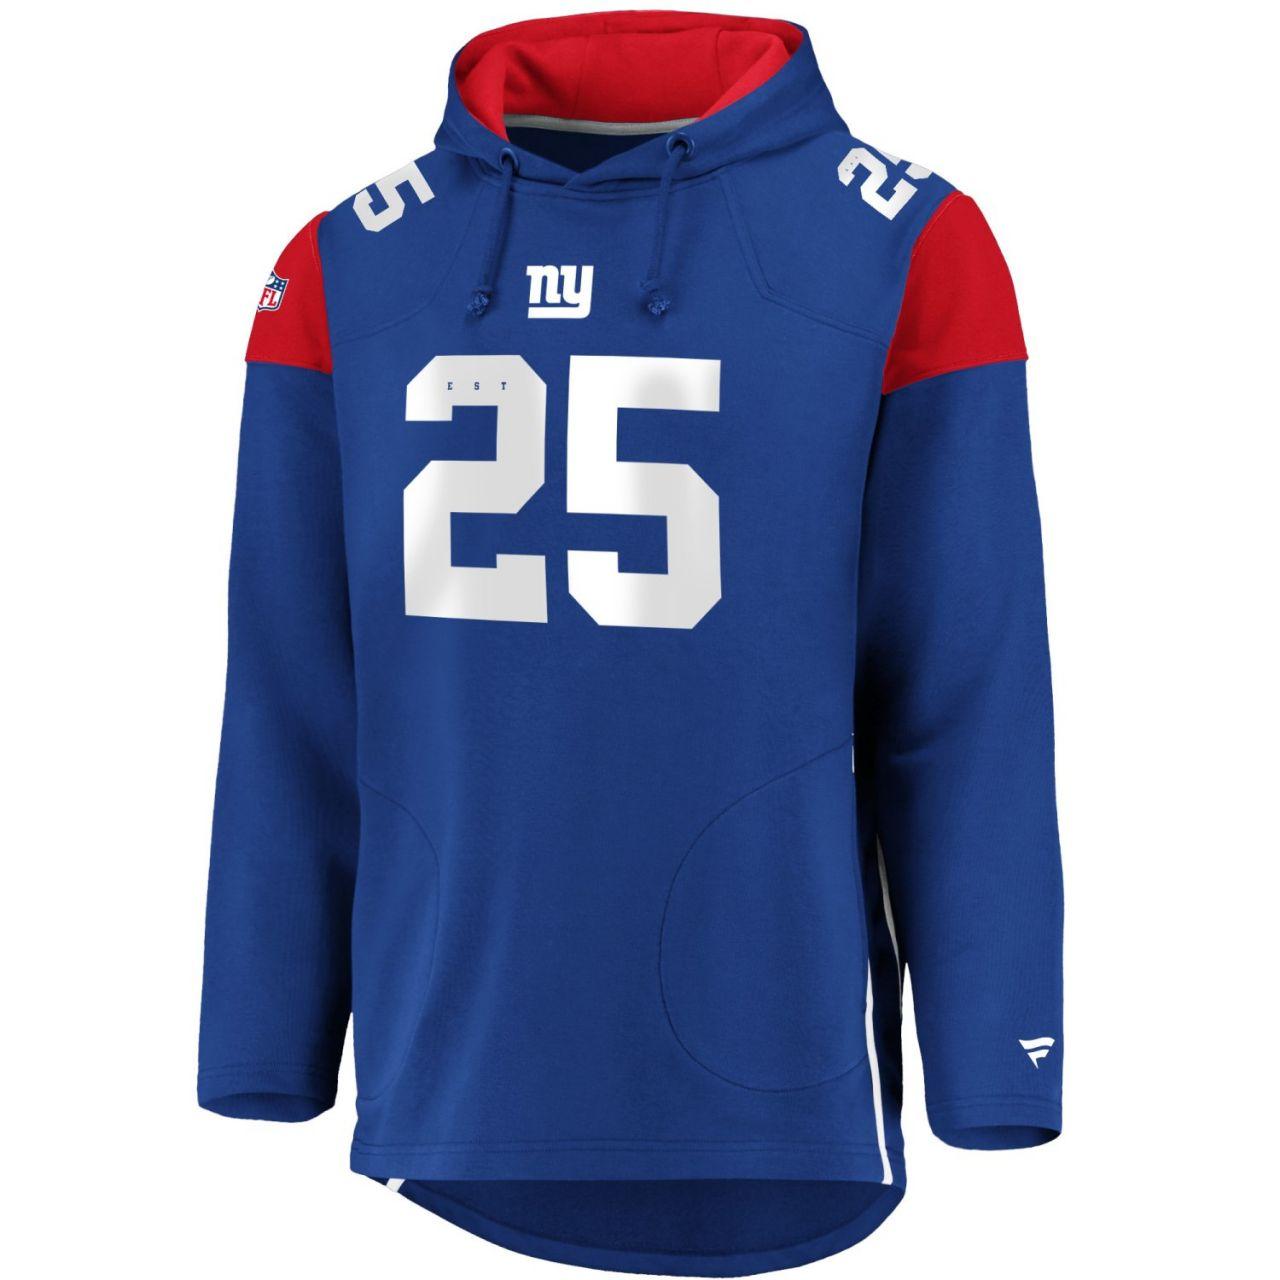 amfoo - Iconic Franchise Long Hoodie - NFL New York Giants